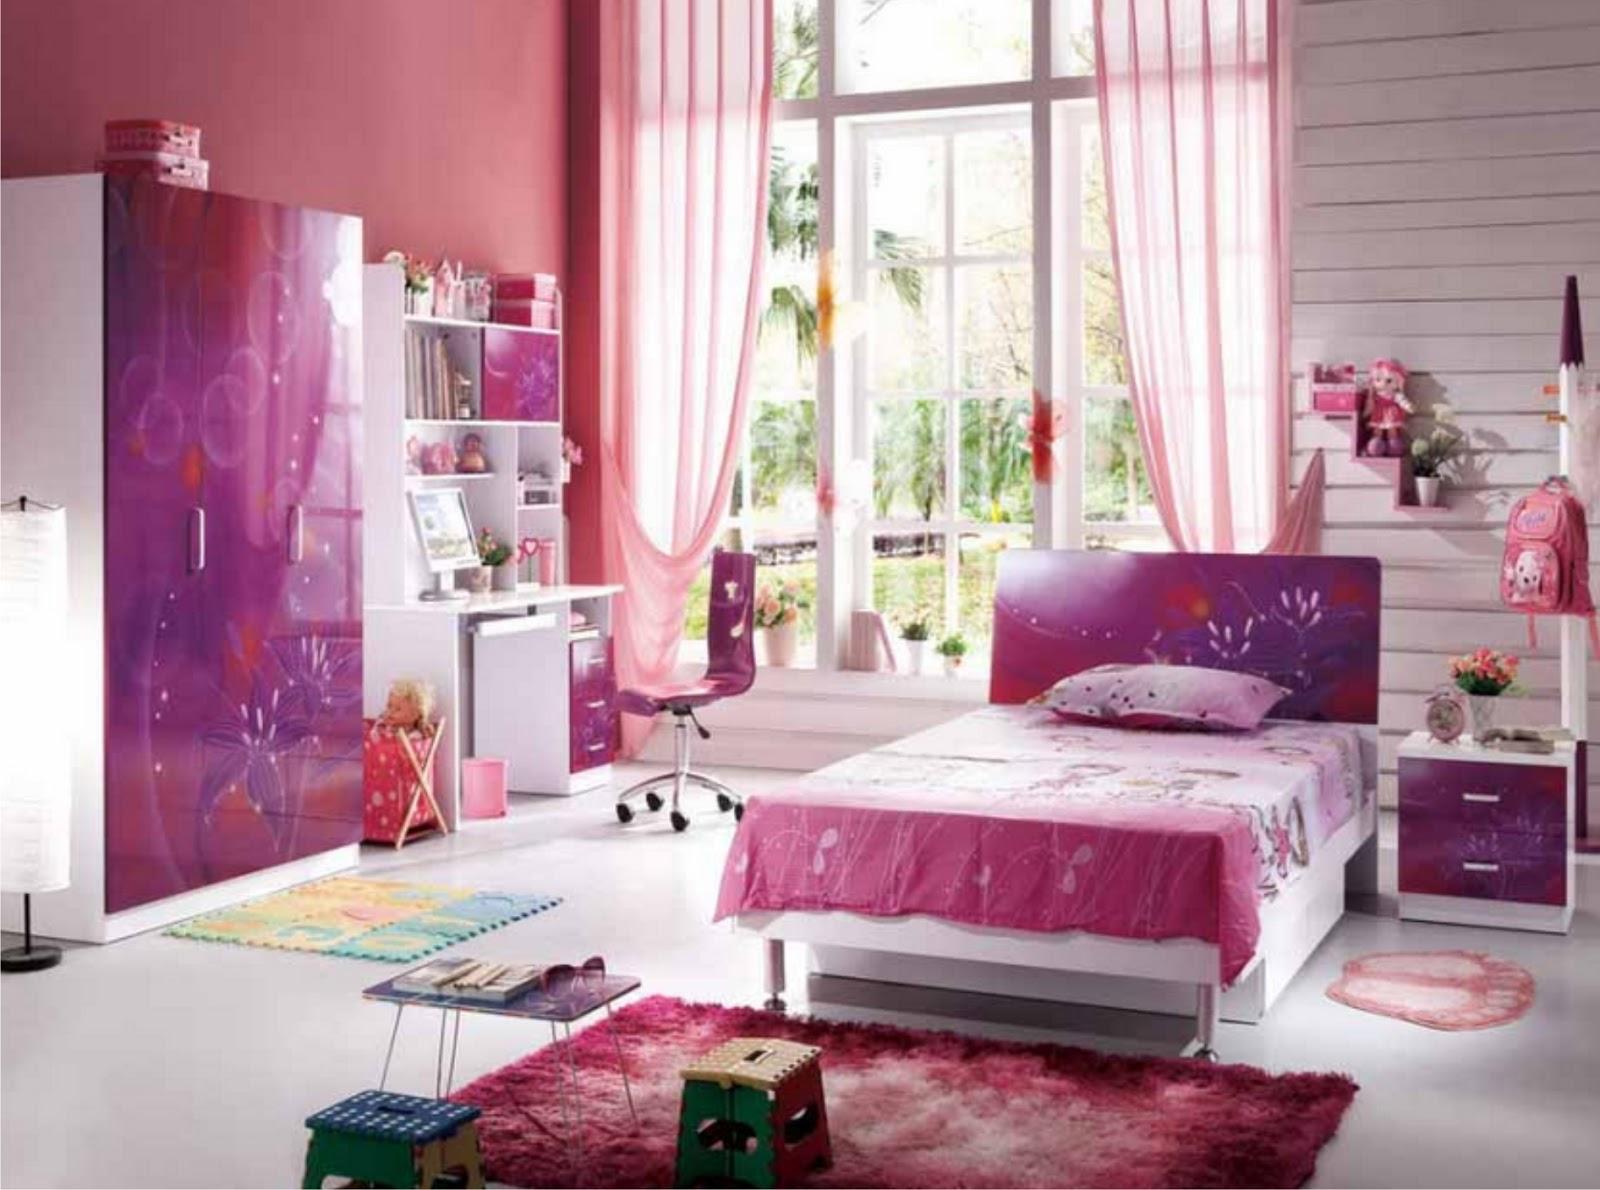 ... minimalis anak perempuan warna pink kamar minimalis cewek warna pink